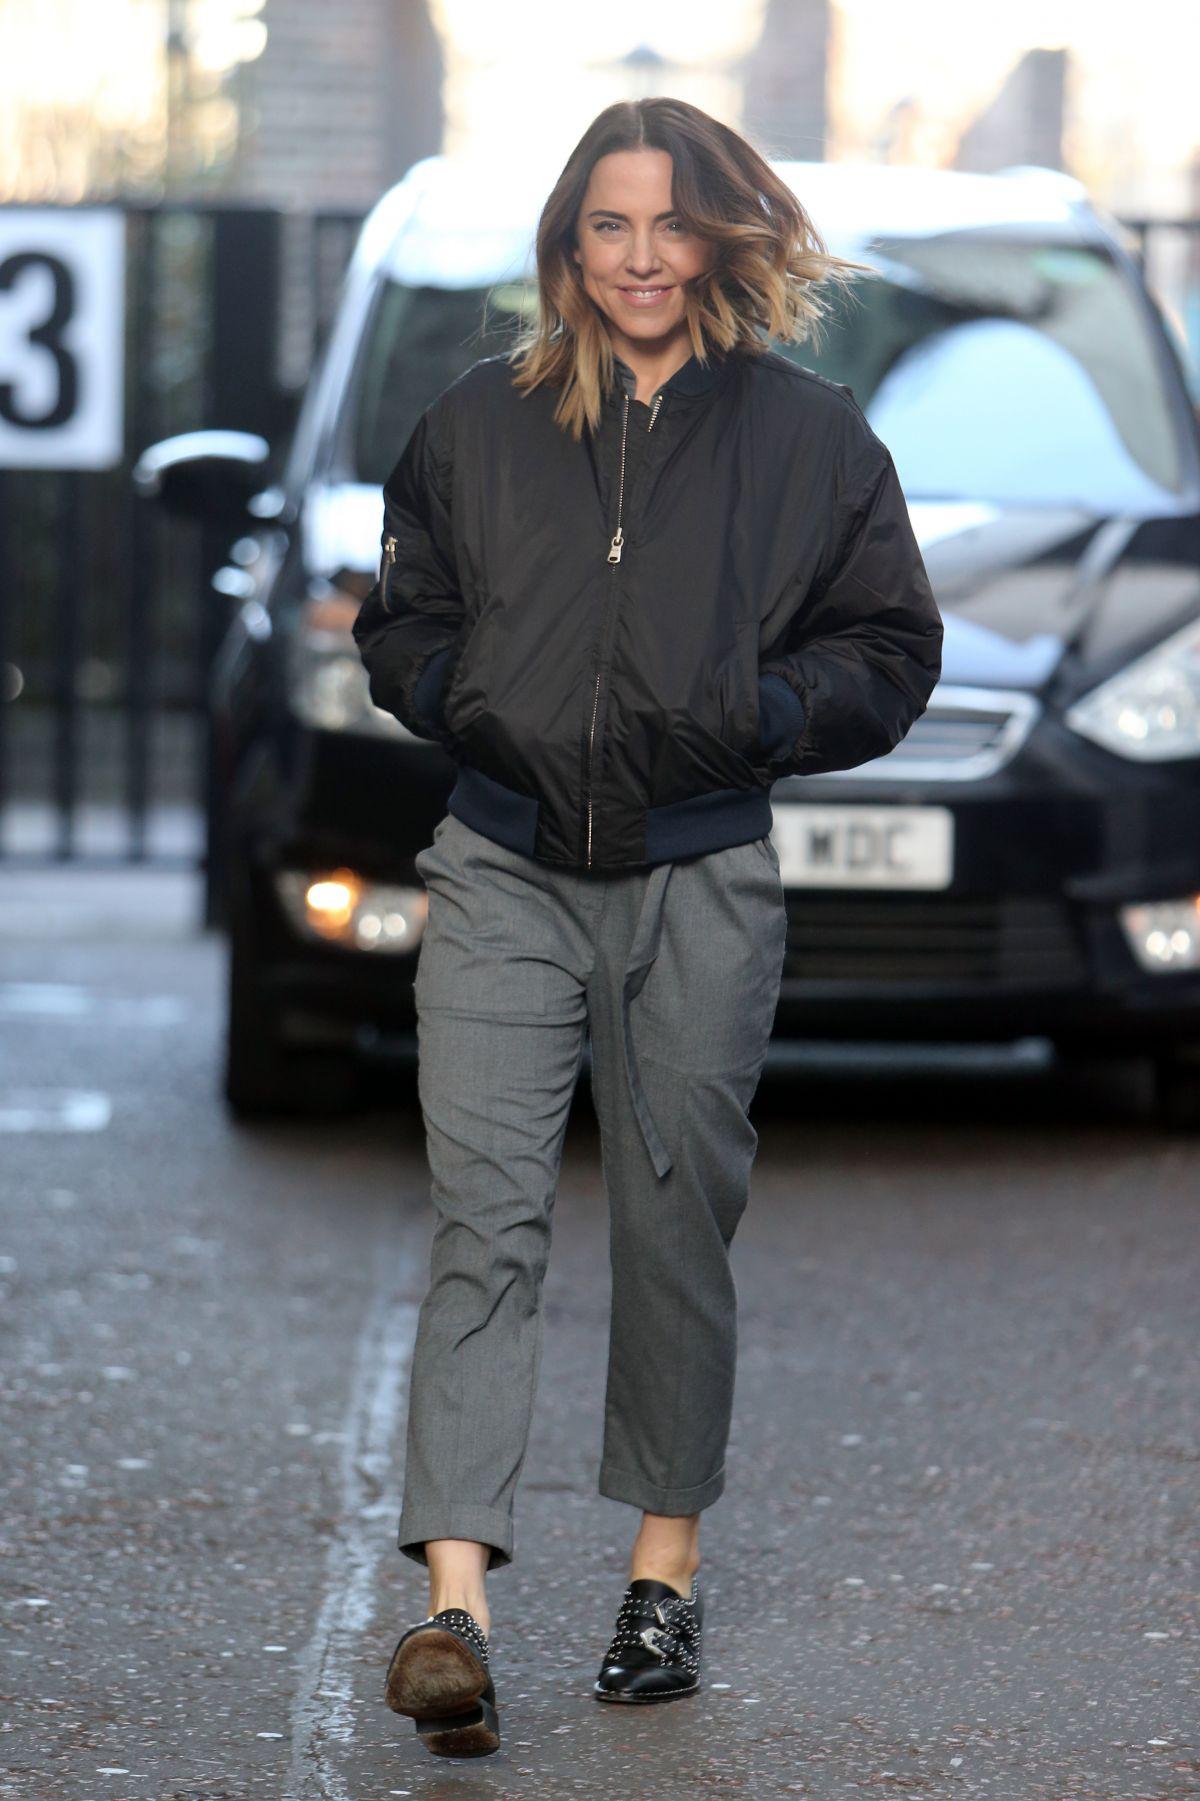 MELANIE CHISHOLM Leaves ITV Studios in London 03/06/2017